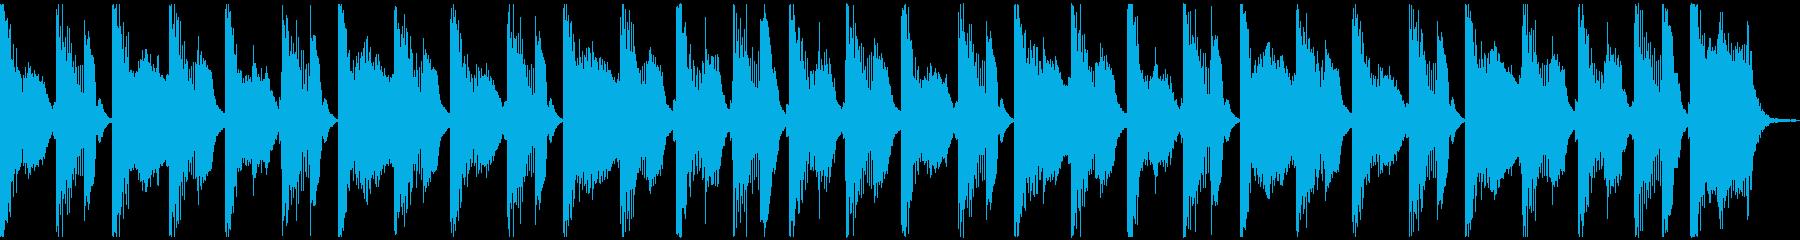 犬・猫・子供のバタバタシンセループの再生済みの波形